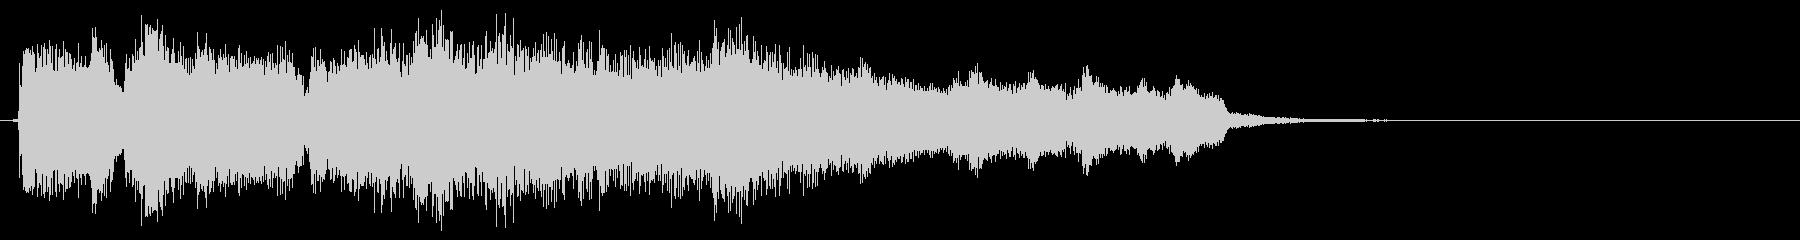 ジャズのアイキャッチ、ニュース系、管楽器の未再生の波形